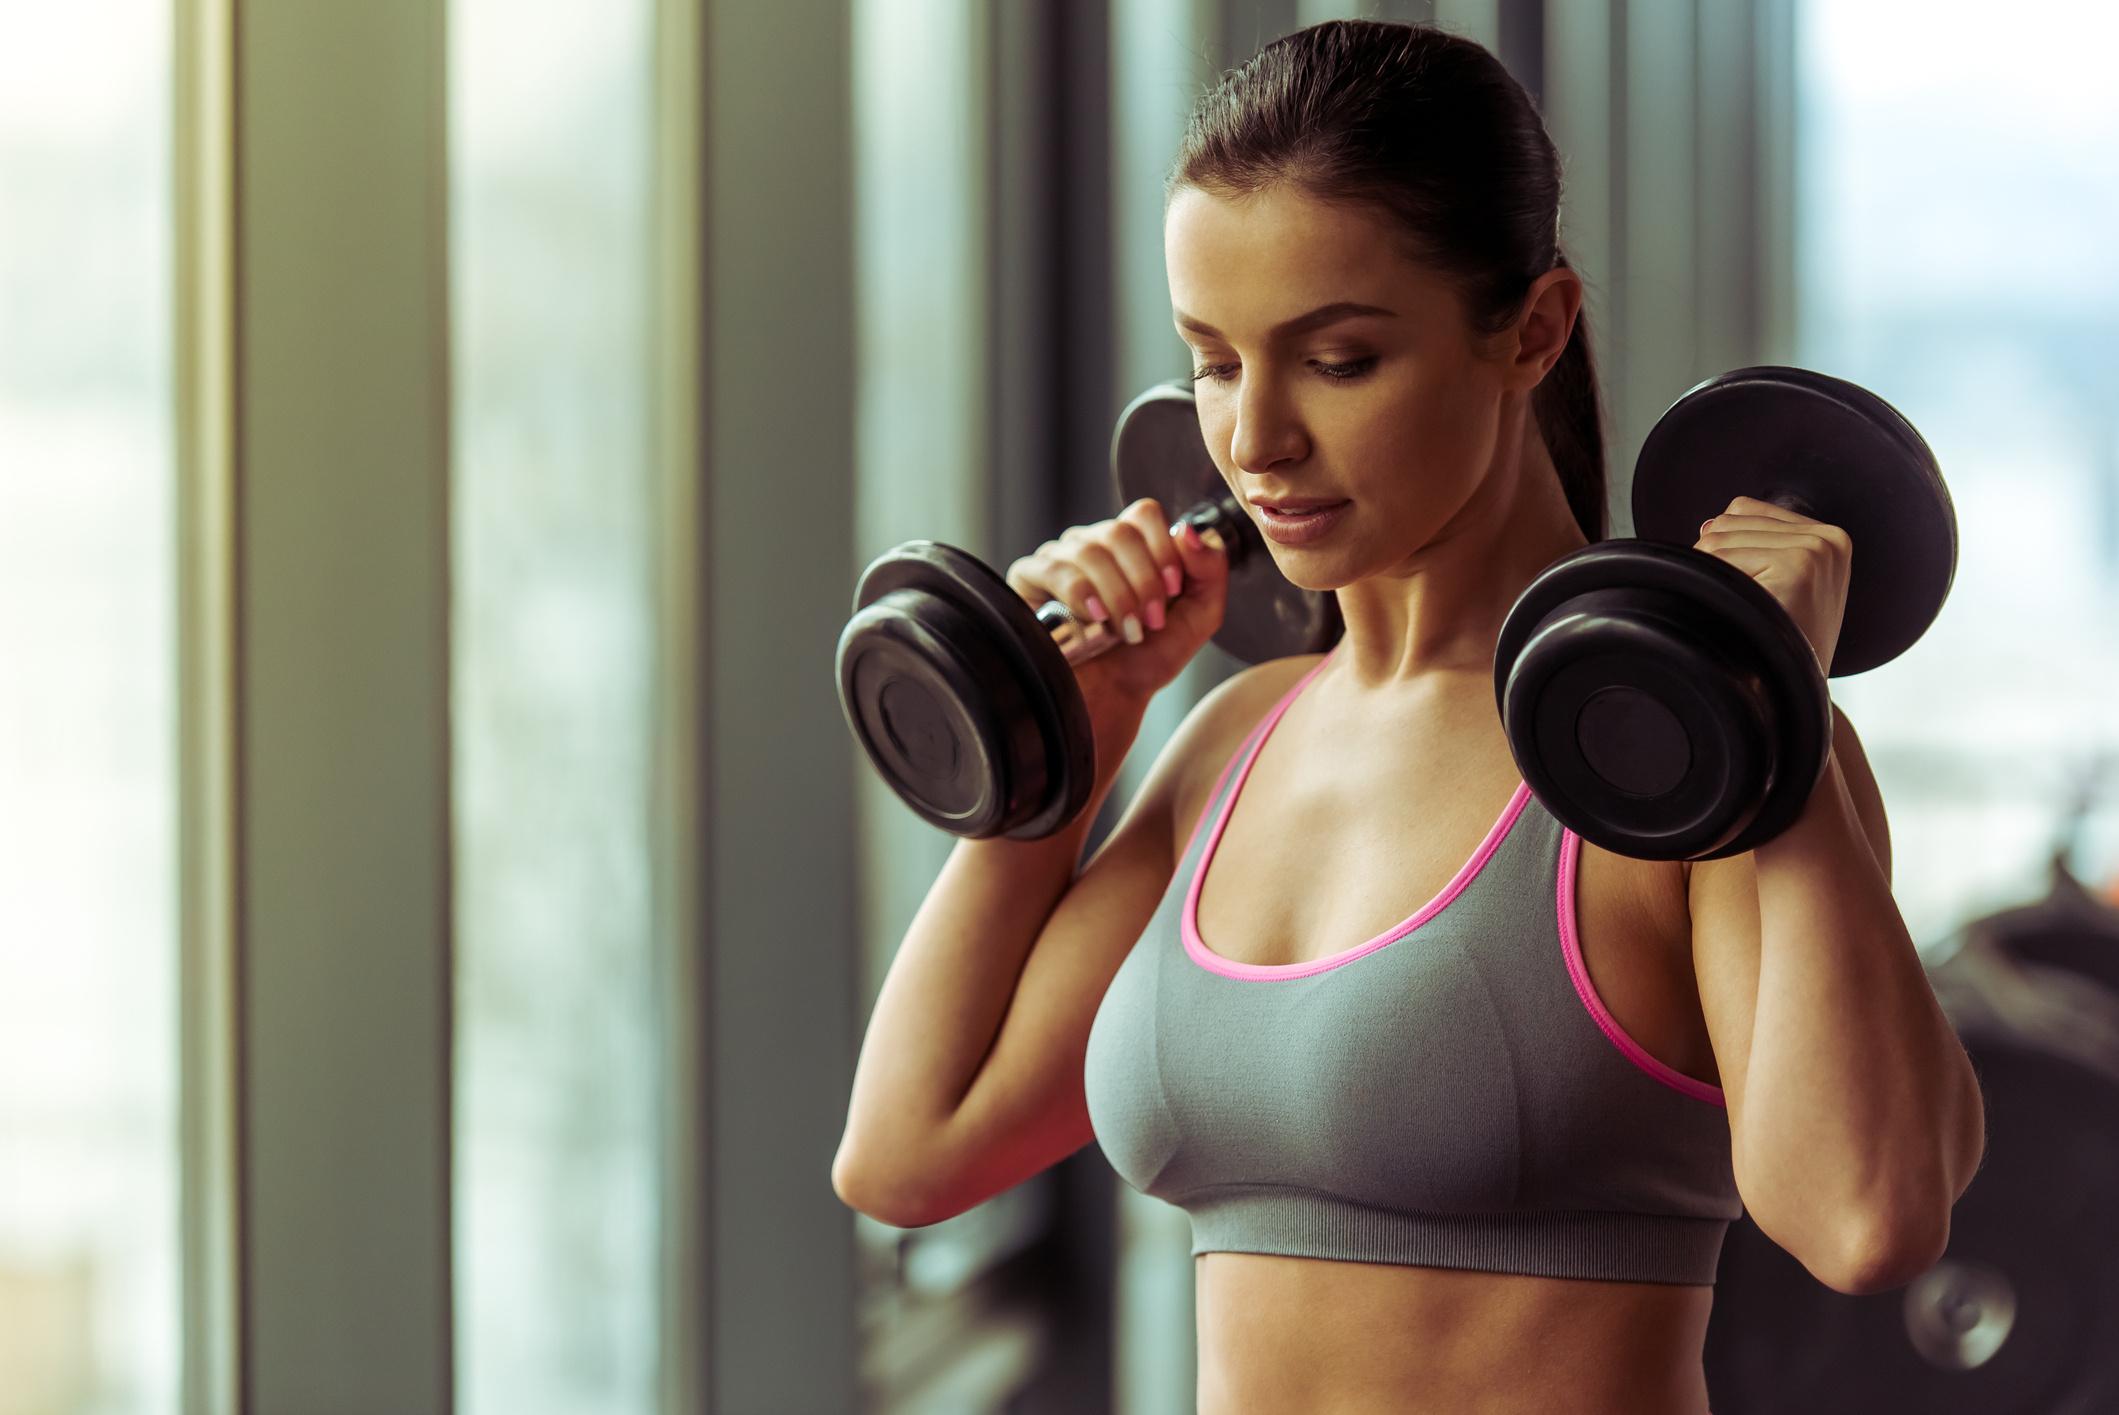 Öt olyan sport, ami tényleg durván égeti a kalóriát